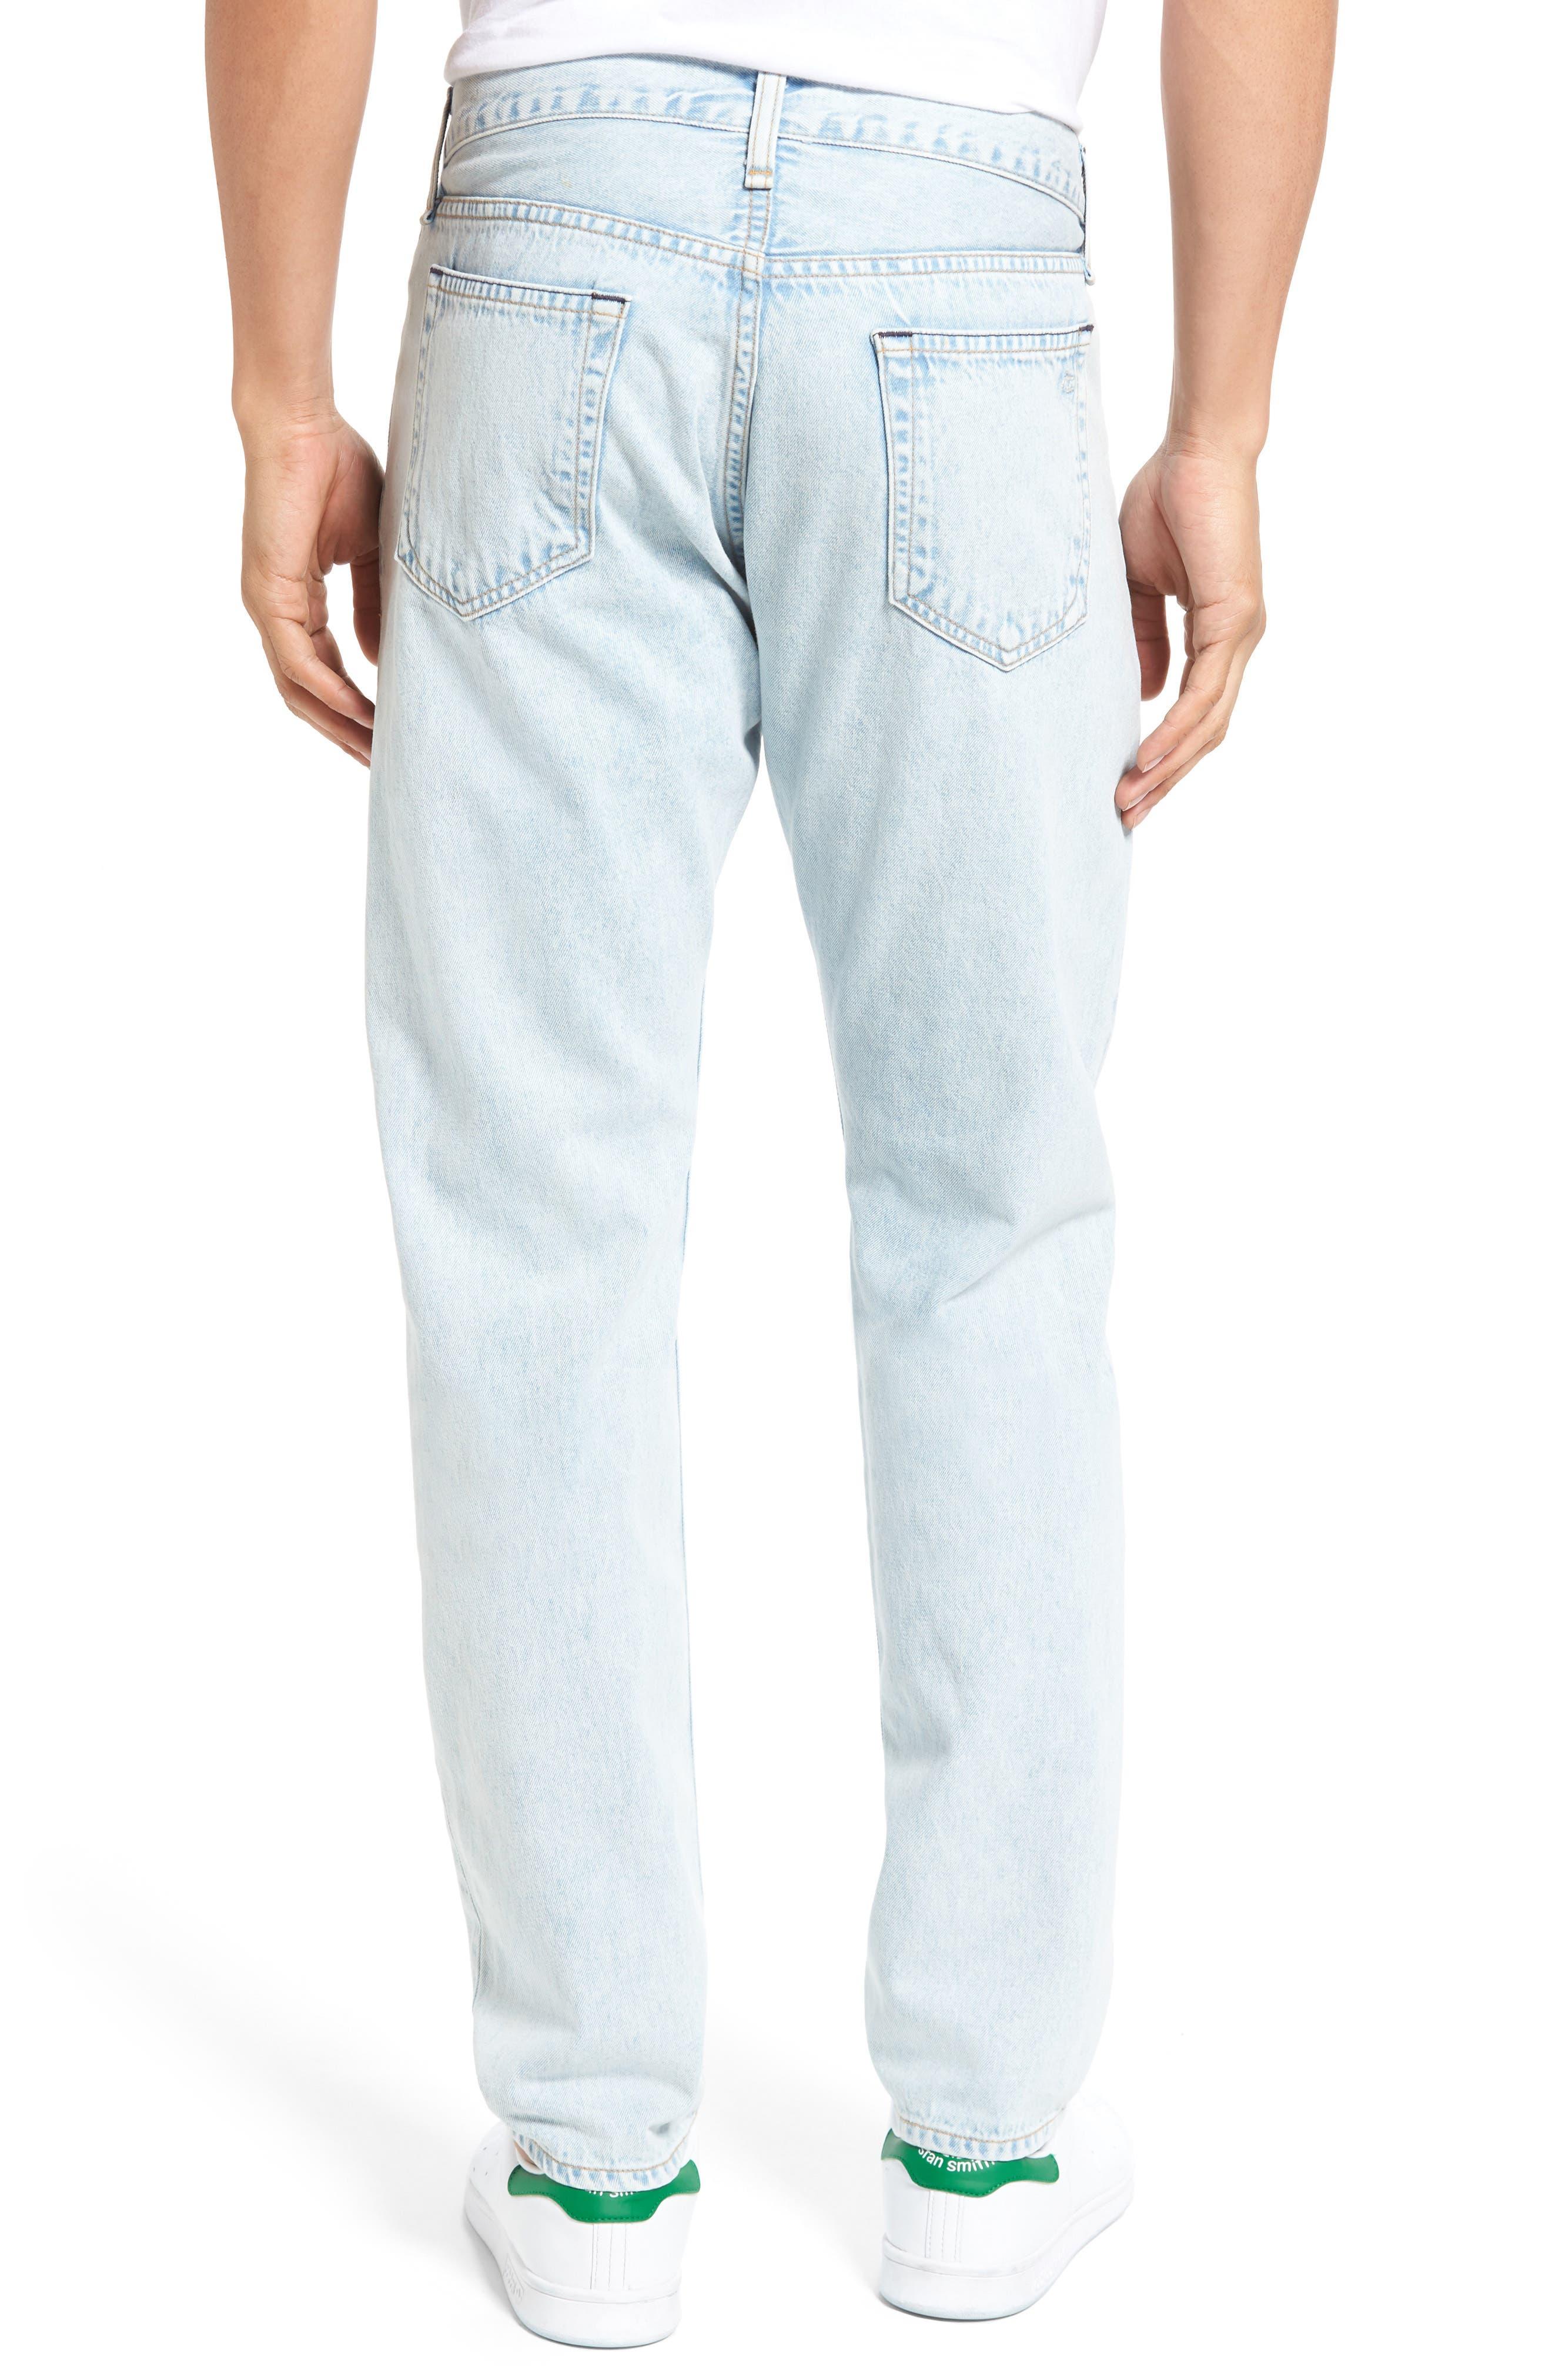 Lennox Skinny Fit Pants,                             Alternate thumbnail 2, color,                             020